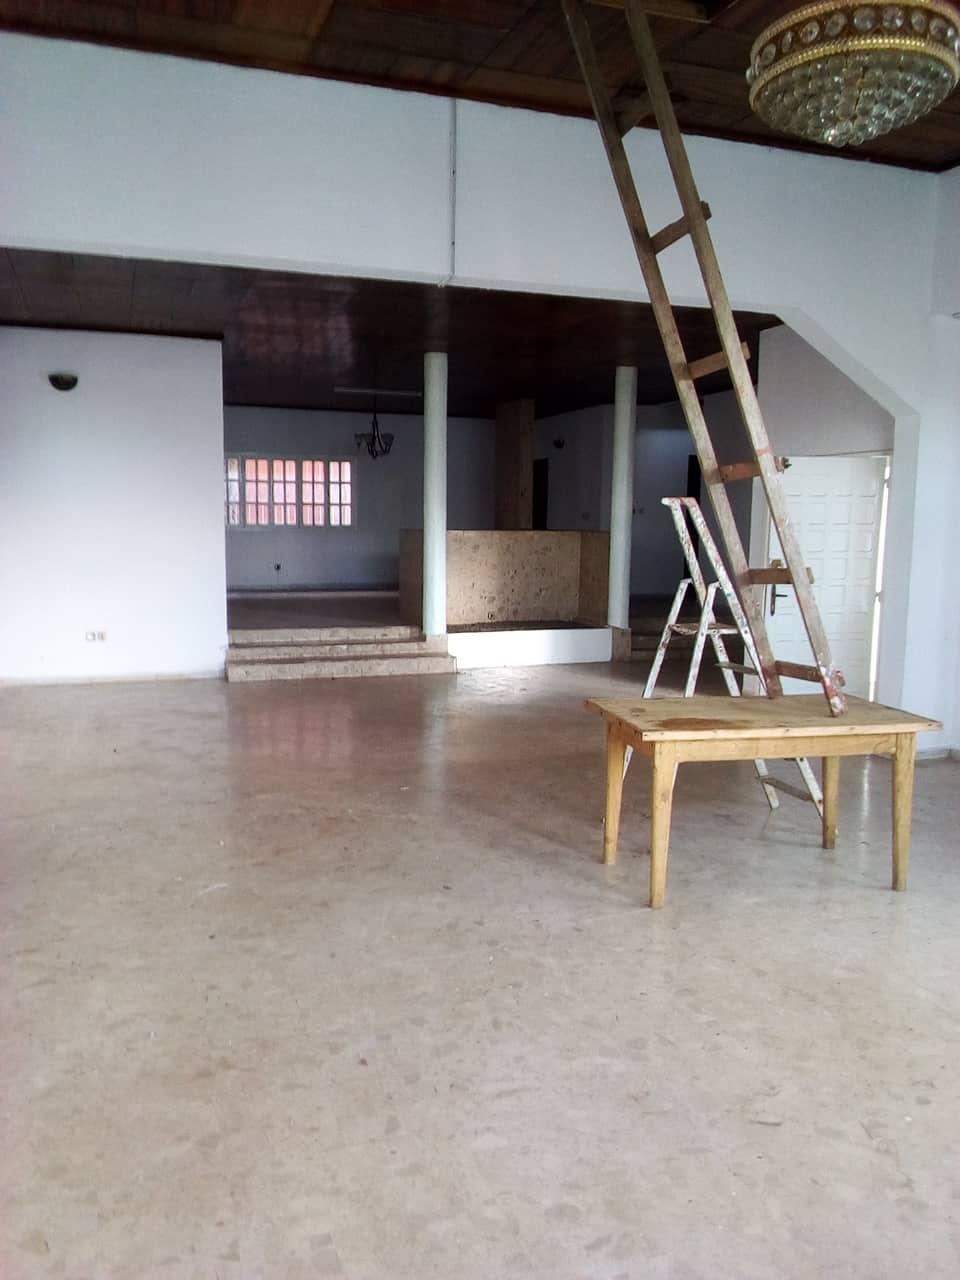 Office to rent at Yaoundé, Bastos, pas loin de la nouvelle route - 1000 m2 - 1 500 000 FCFA